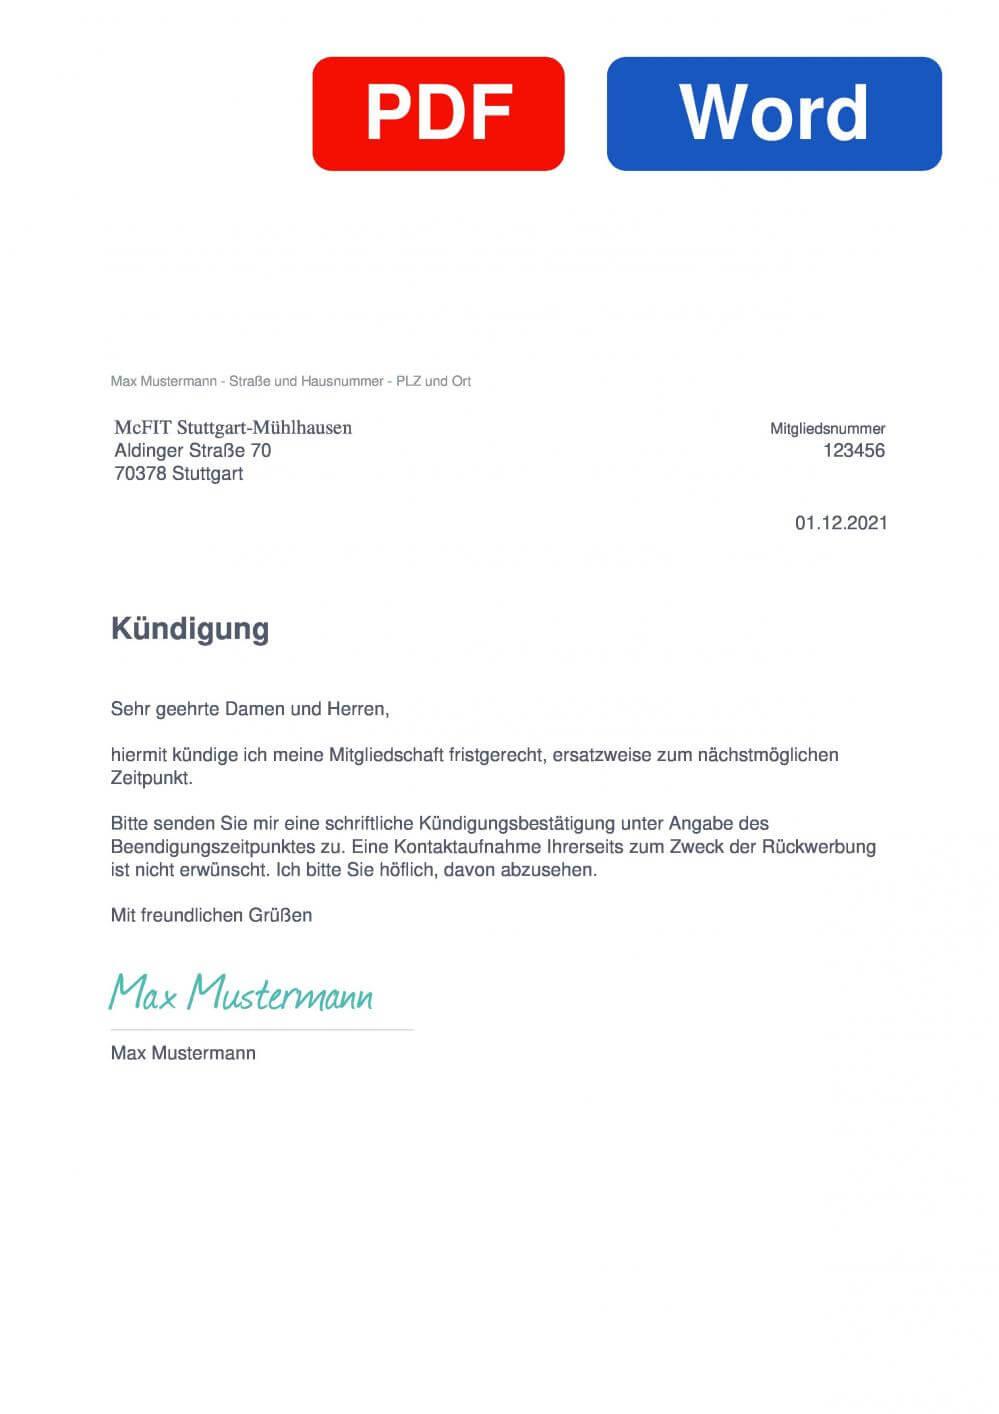 McFIT Stuttgart-Mühlhausen Muster Vorlage für Kündigungsschreiben